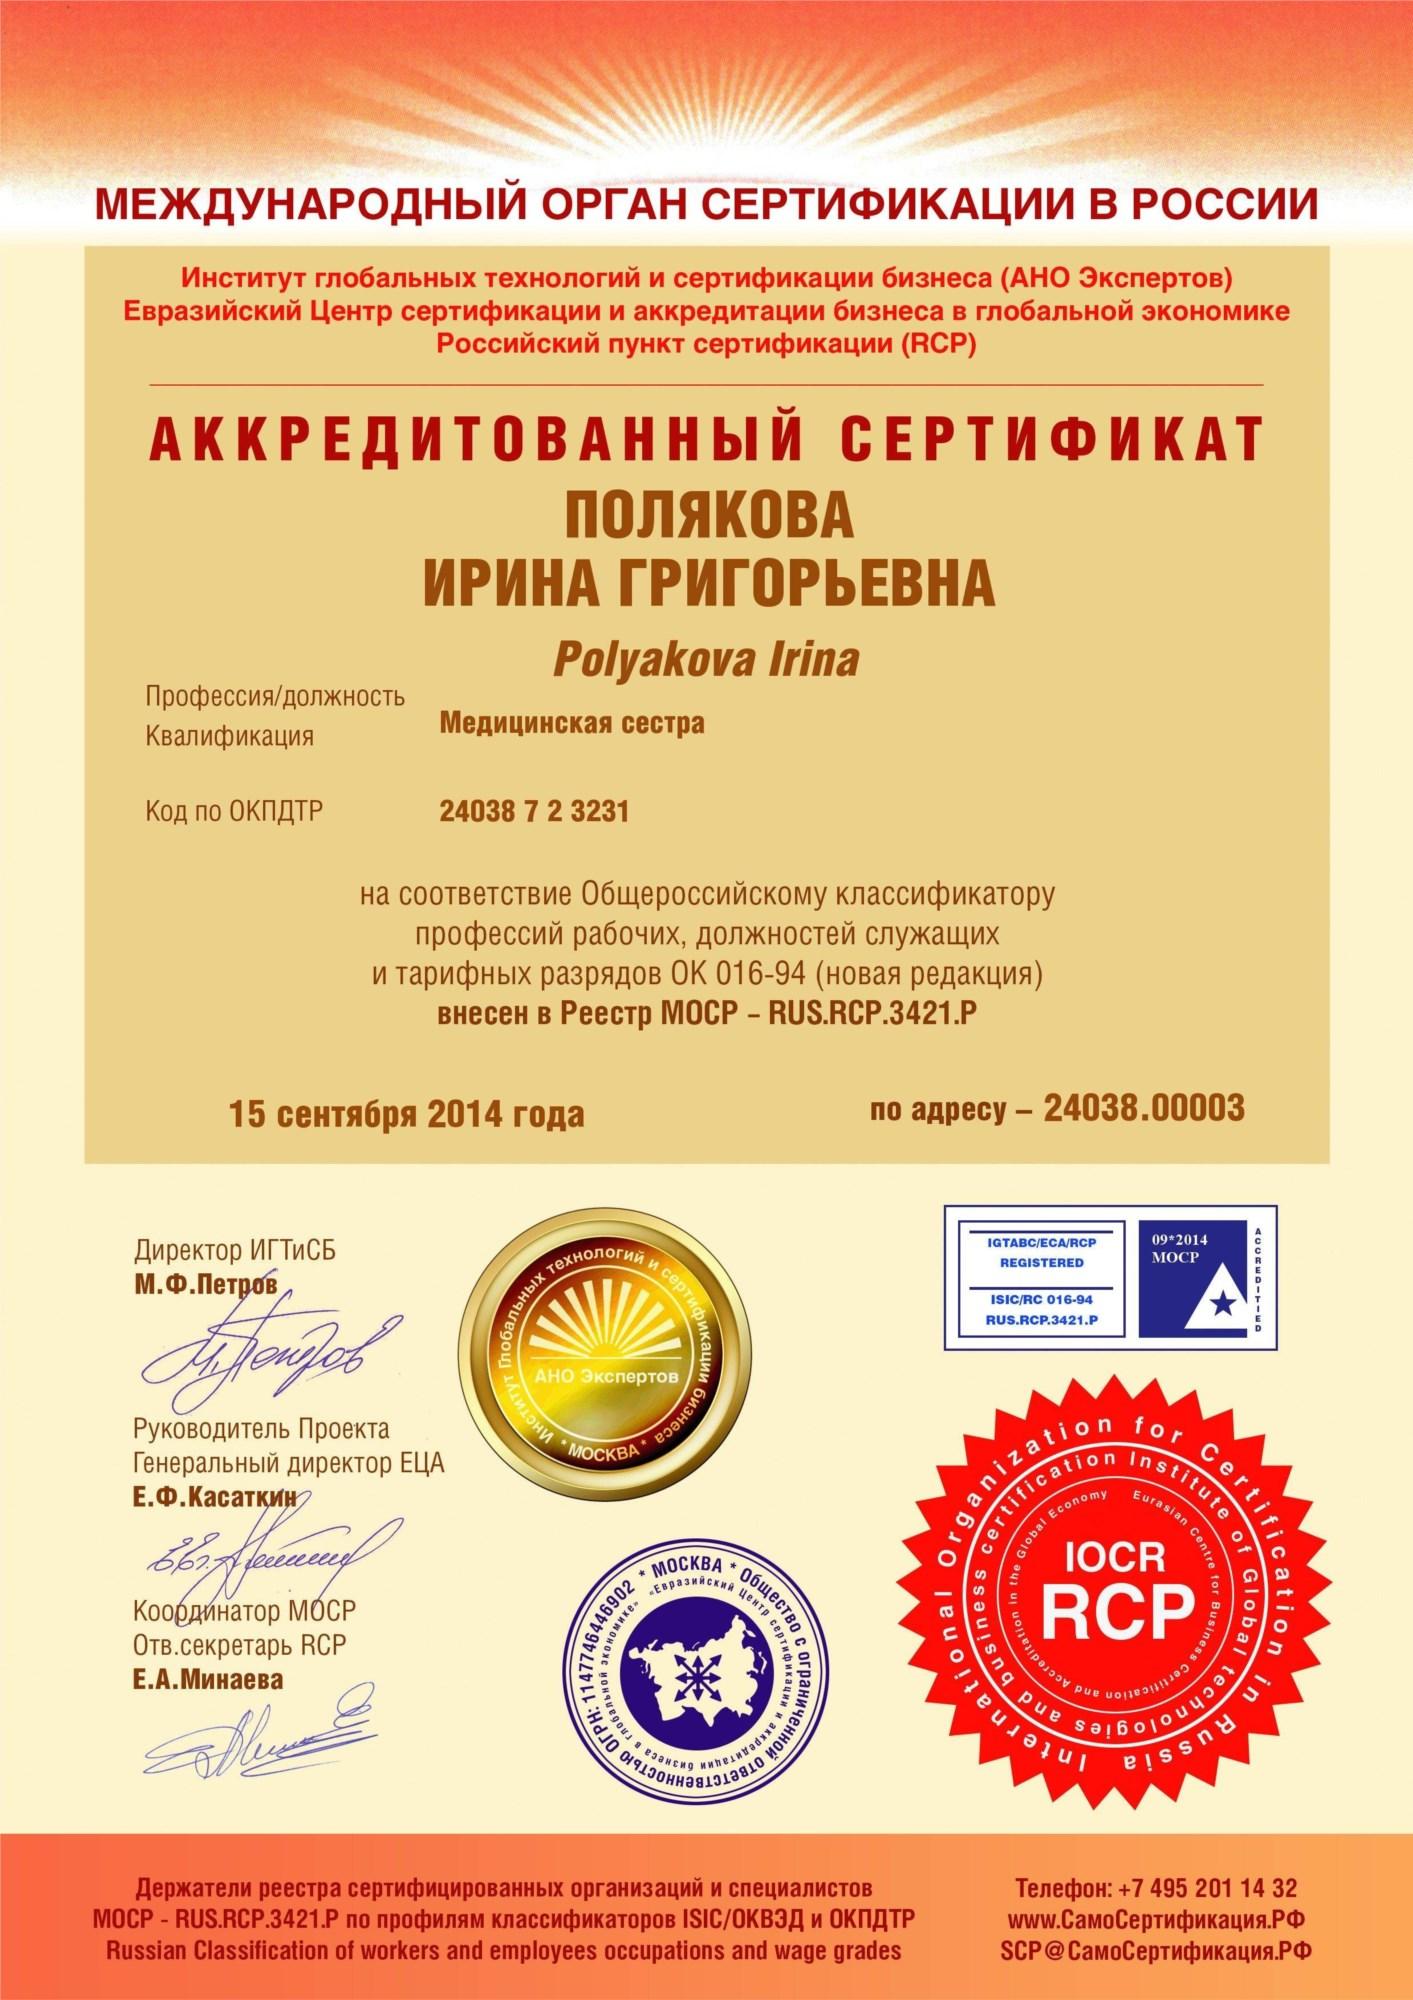 Аккредитованный сертификат Медицинская сестра